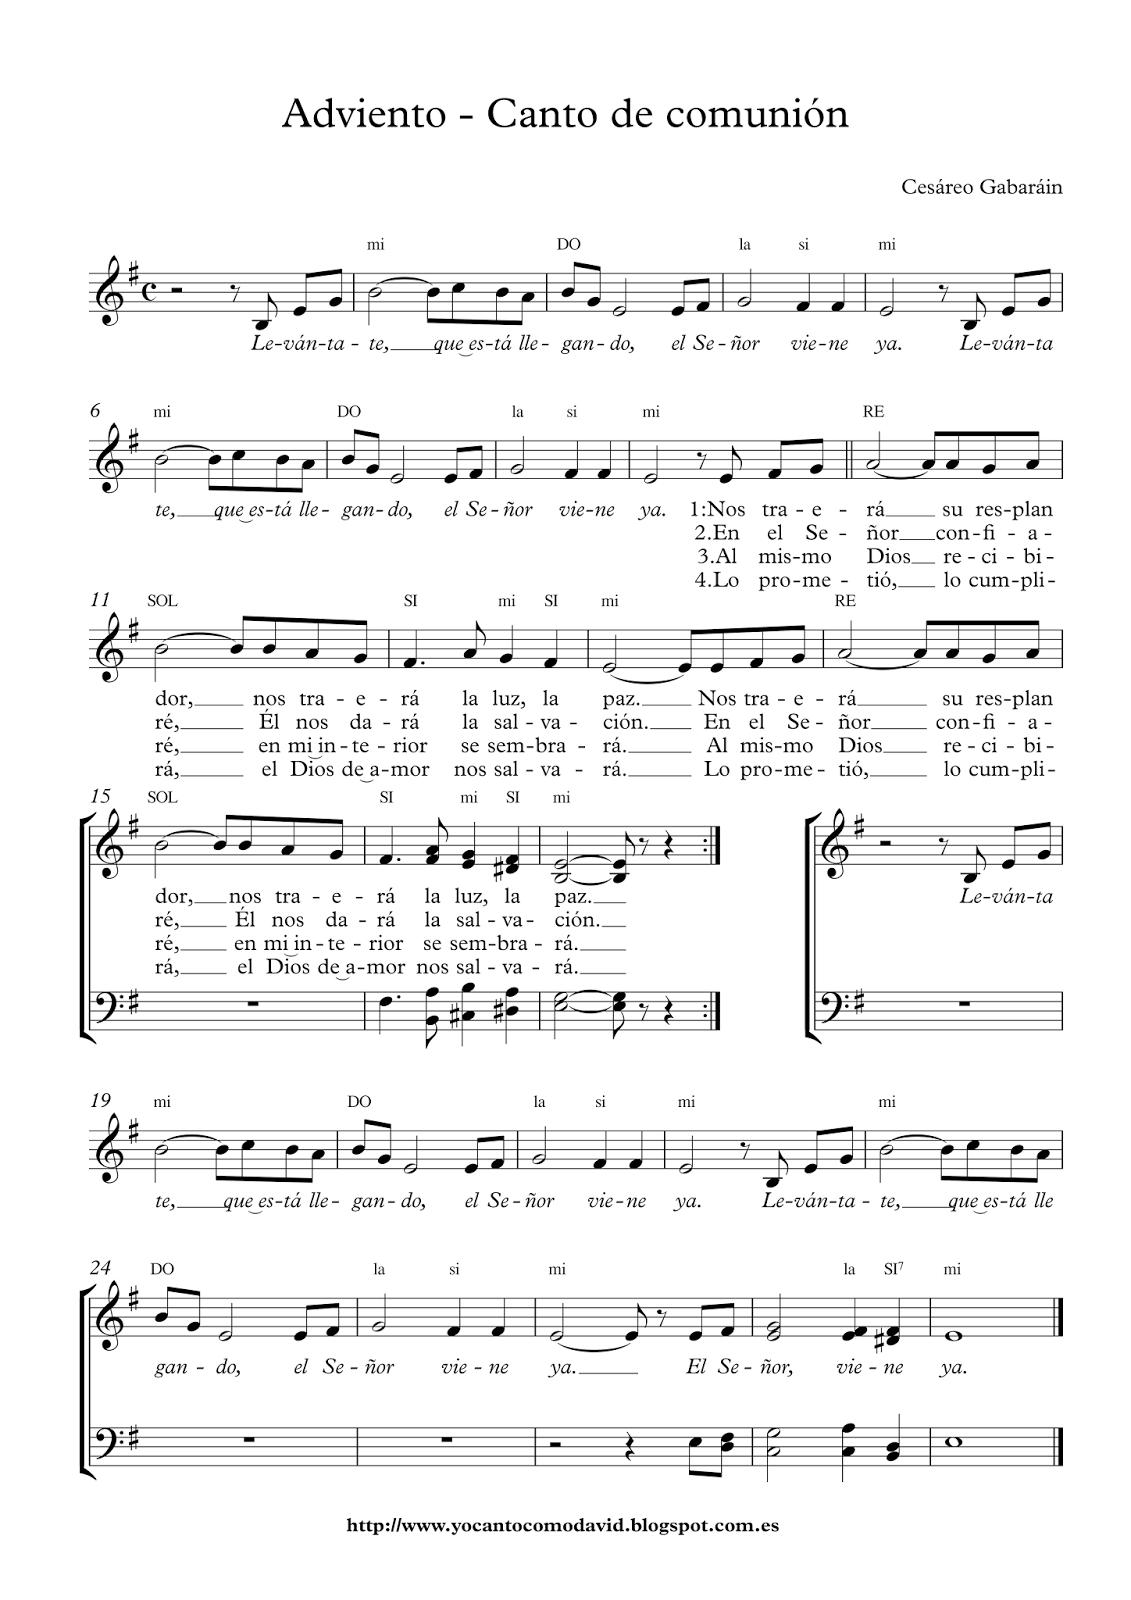 Adviento canto de comuni n yo canto como david for El jardin acordes